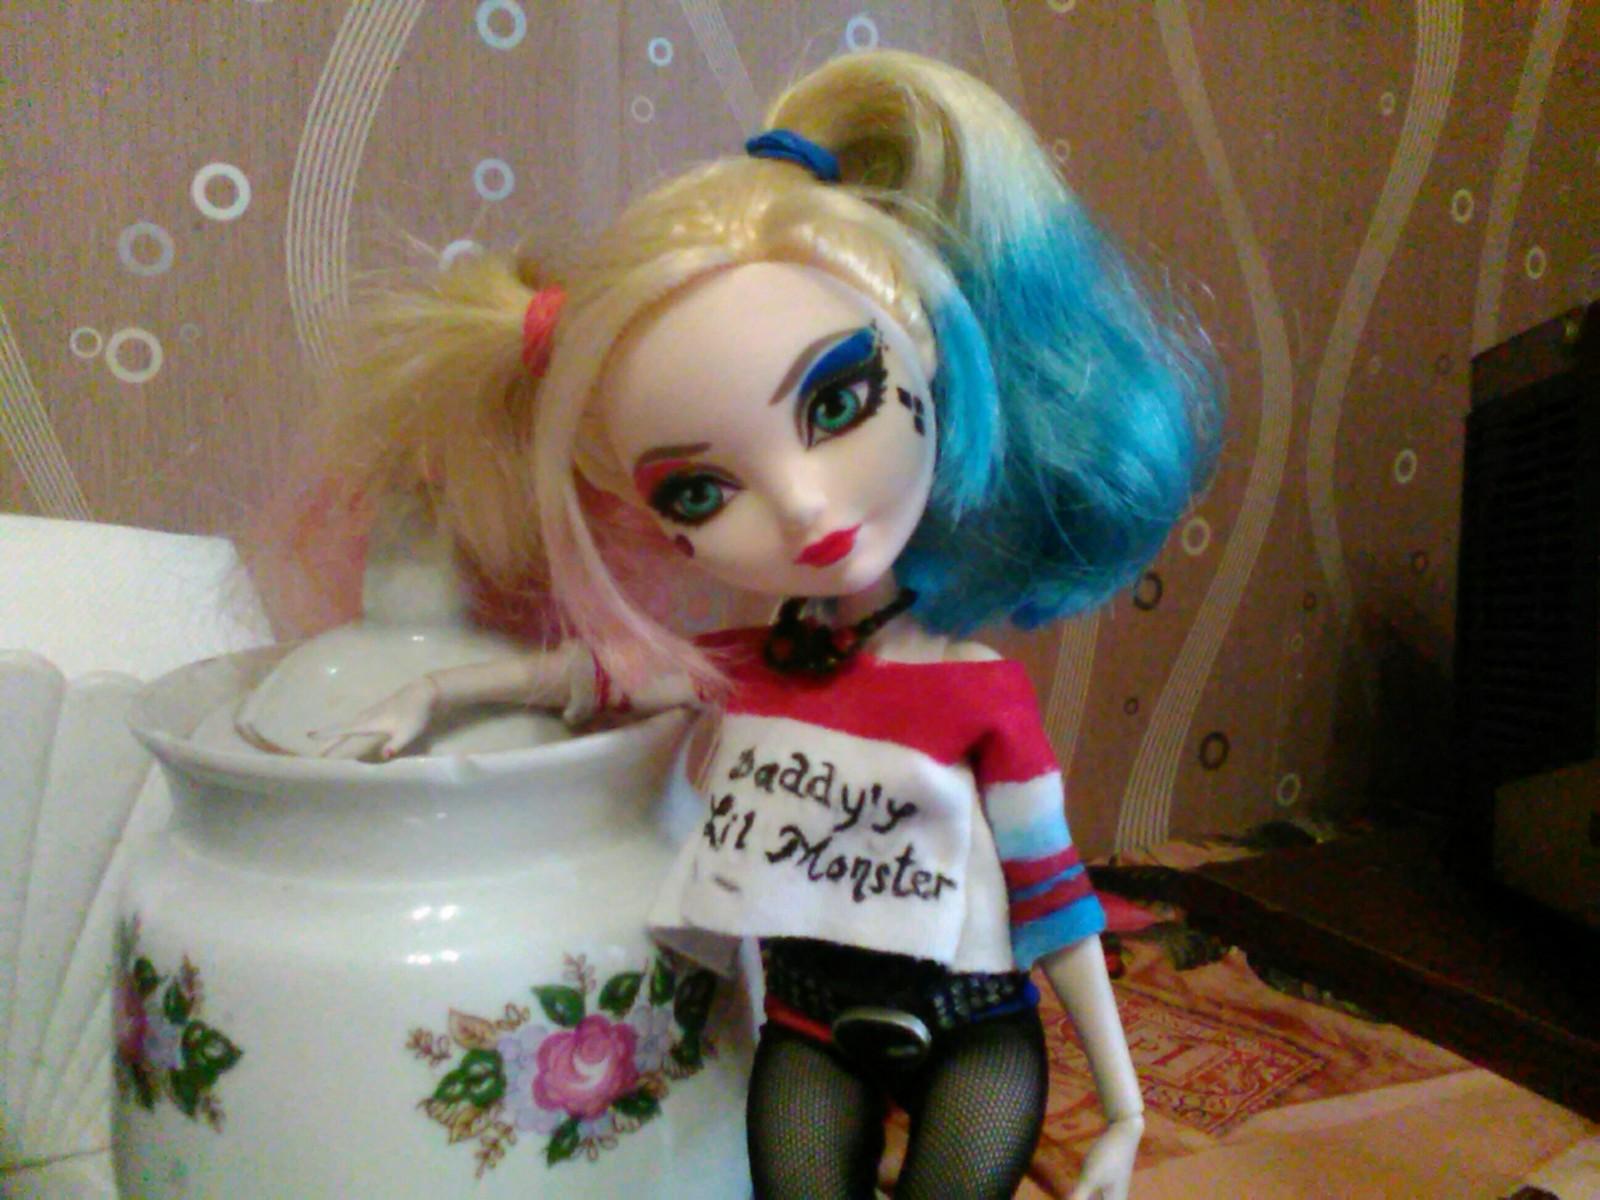 кукла харли квинн картинки